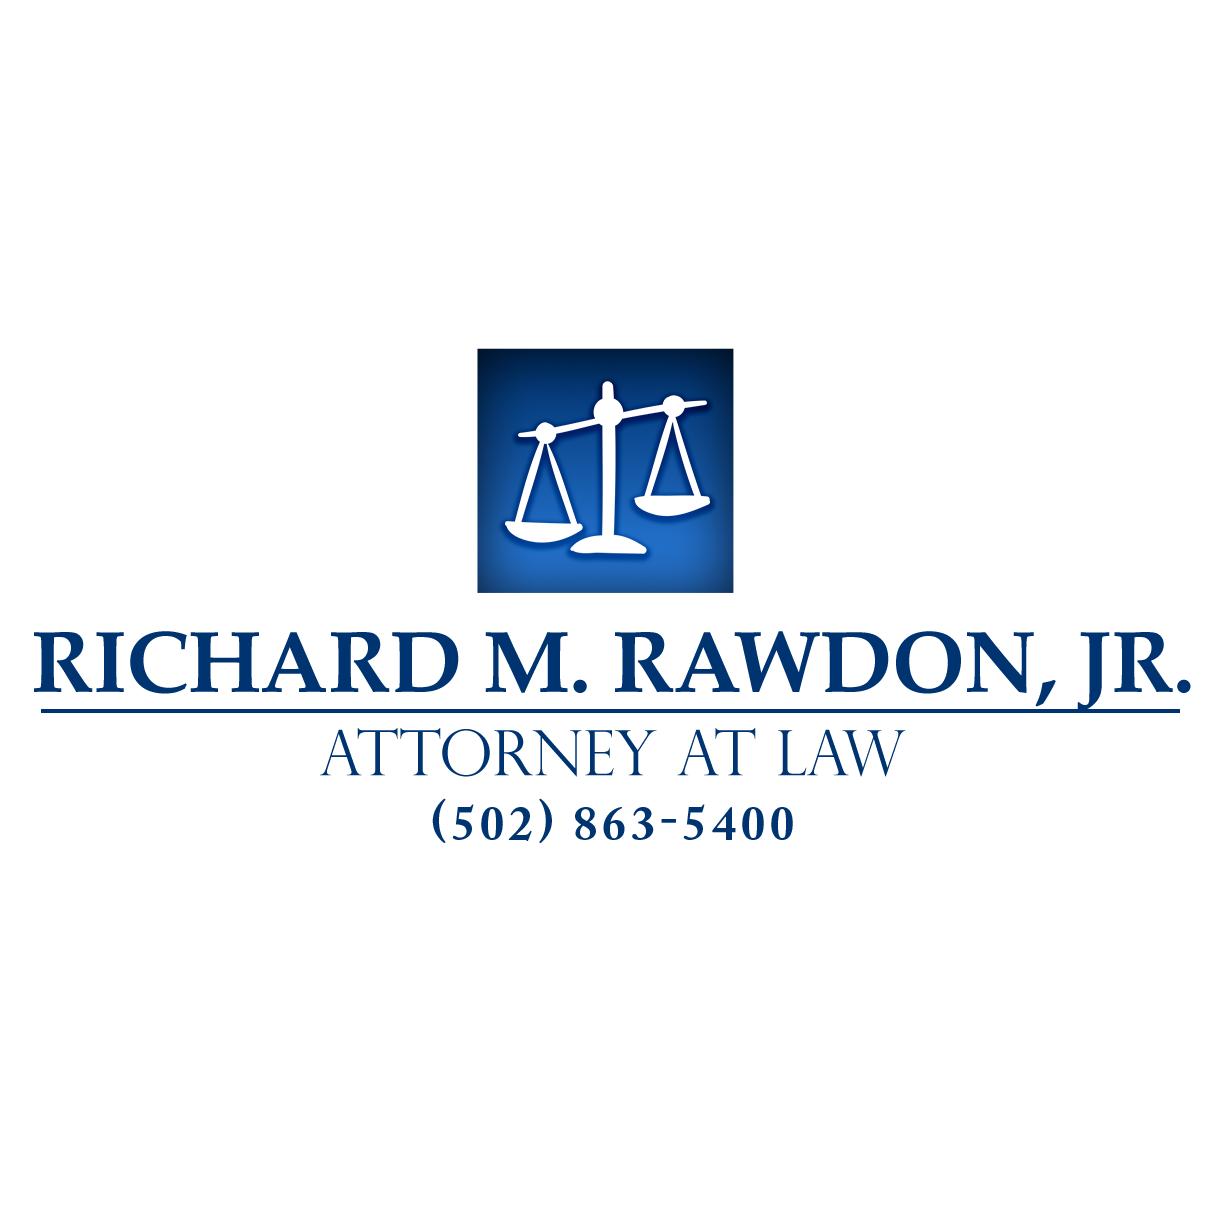 Richard M. Rawdon, Jr.